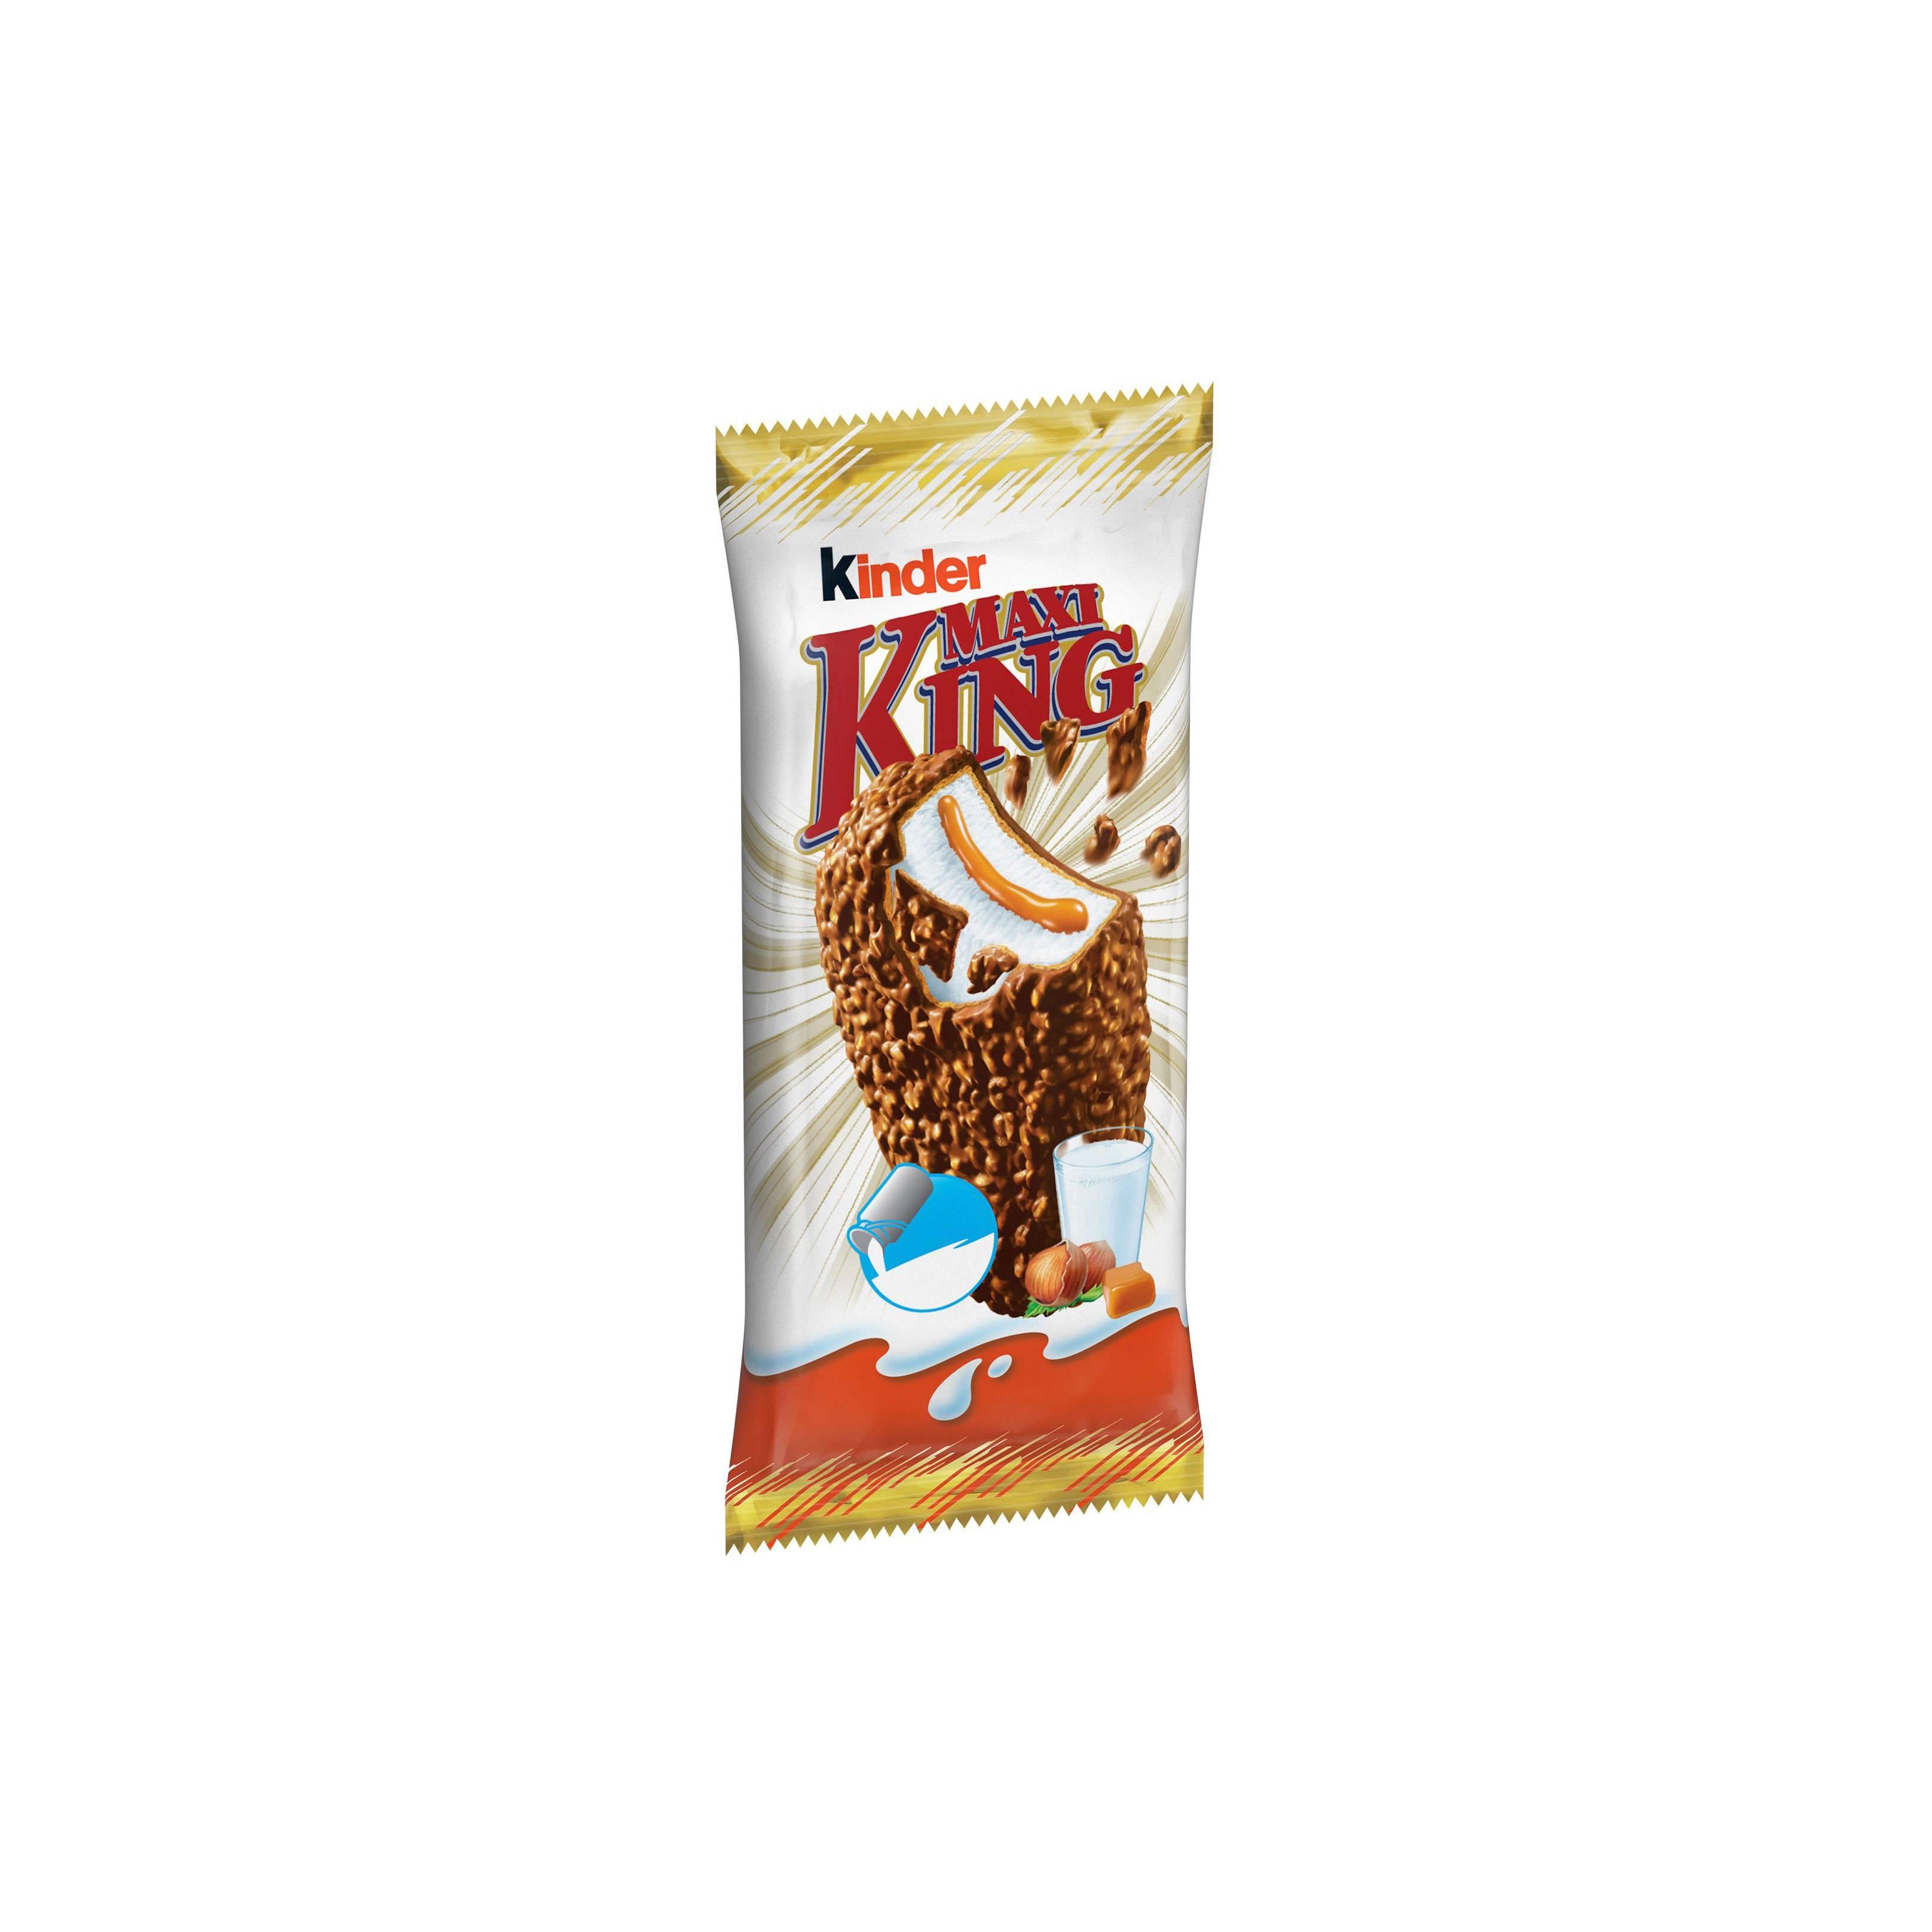 """Вафли с начинкой из сливок и карамели """"Kinder Maxi King"""", 35 гр"""